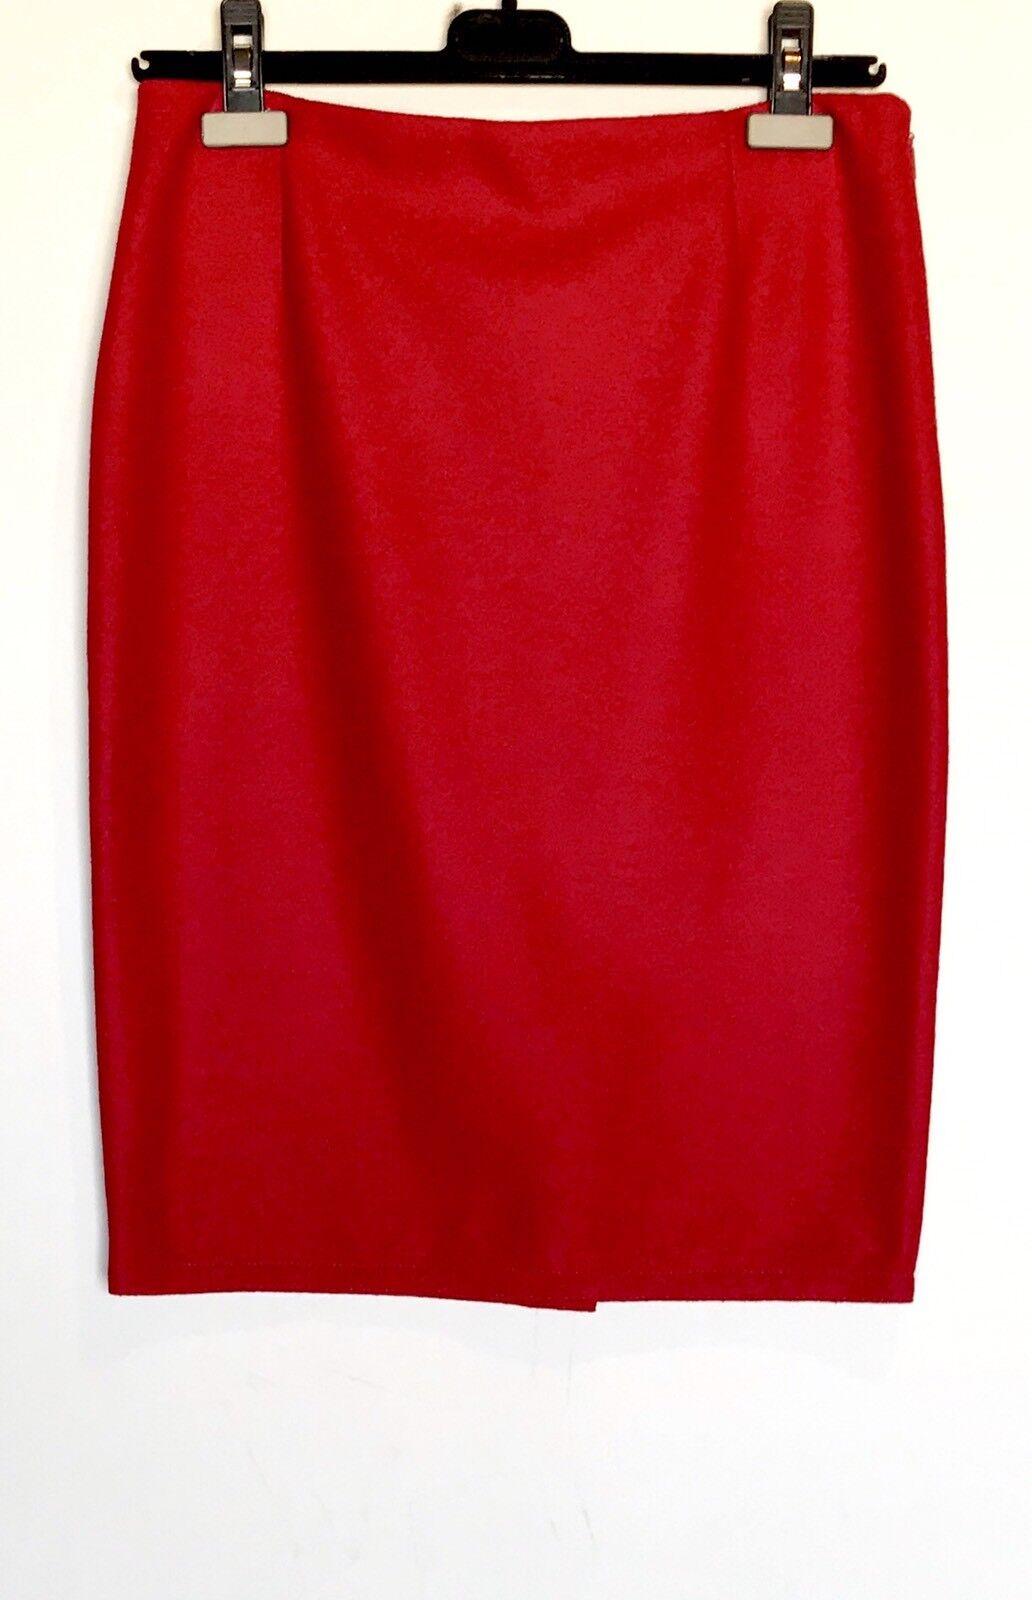 Carolina Herrera Red Soft 100% Wool  Skirt NWT Retail  385 Price  158 Sz 10